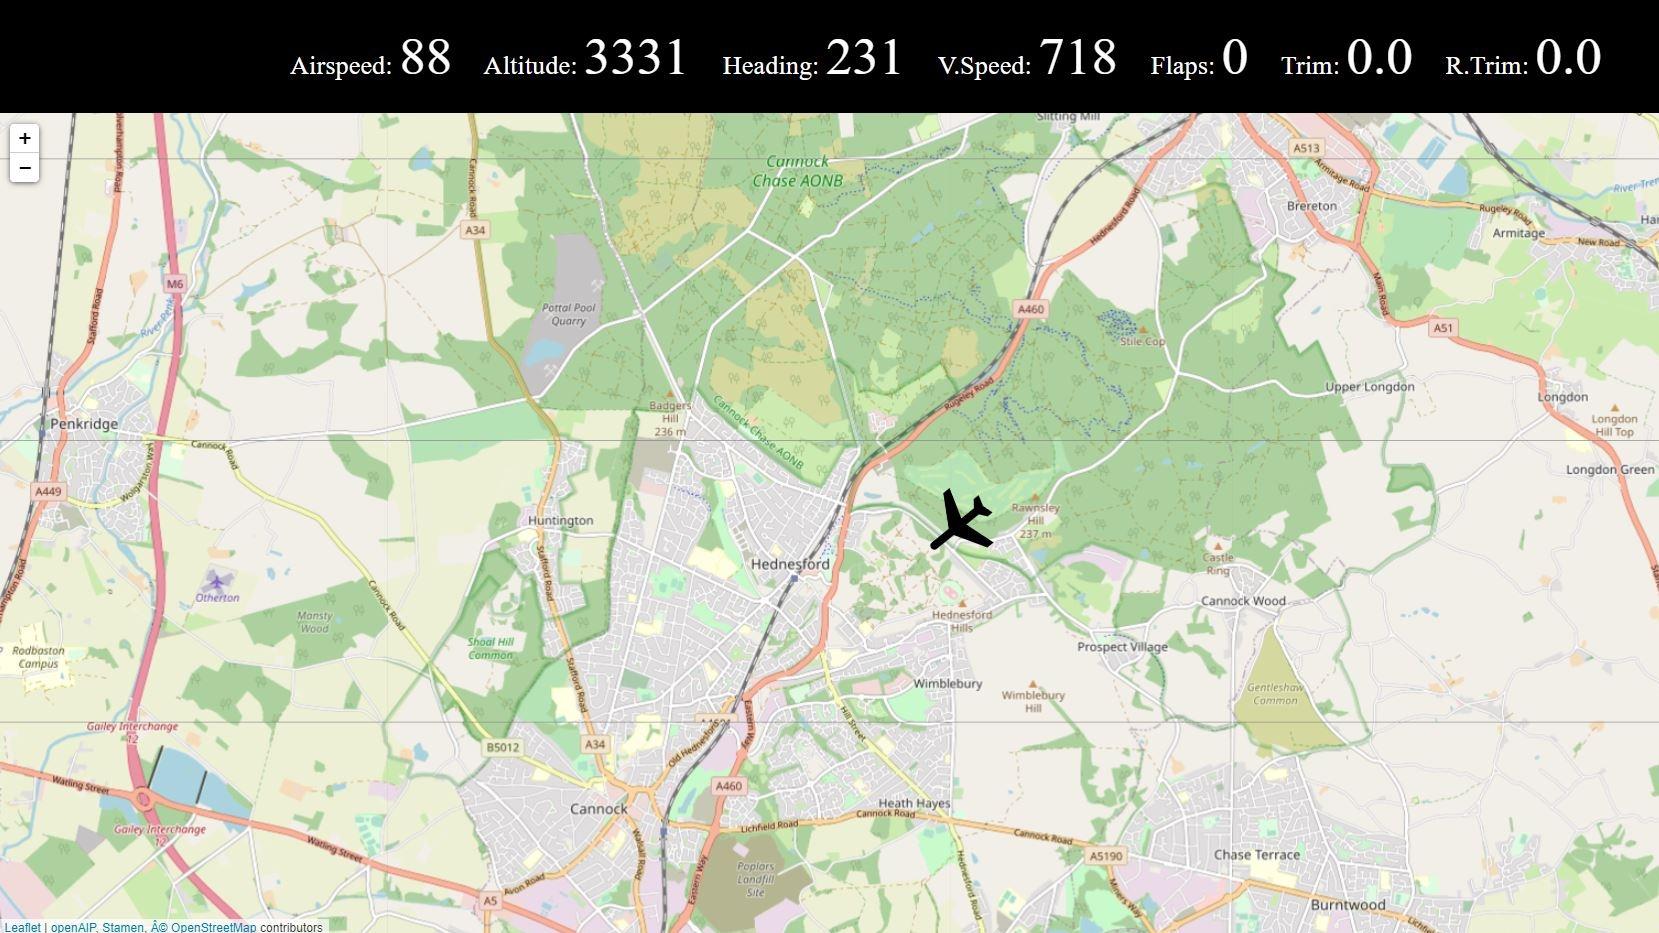 Una captura de pantalla de VFRMap.  El complemento muestra una imagen de Open Street Map con un icono de plano superpuesto